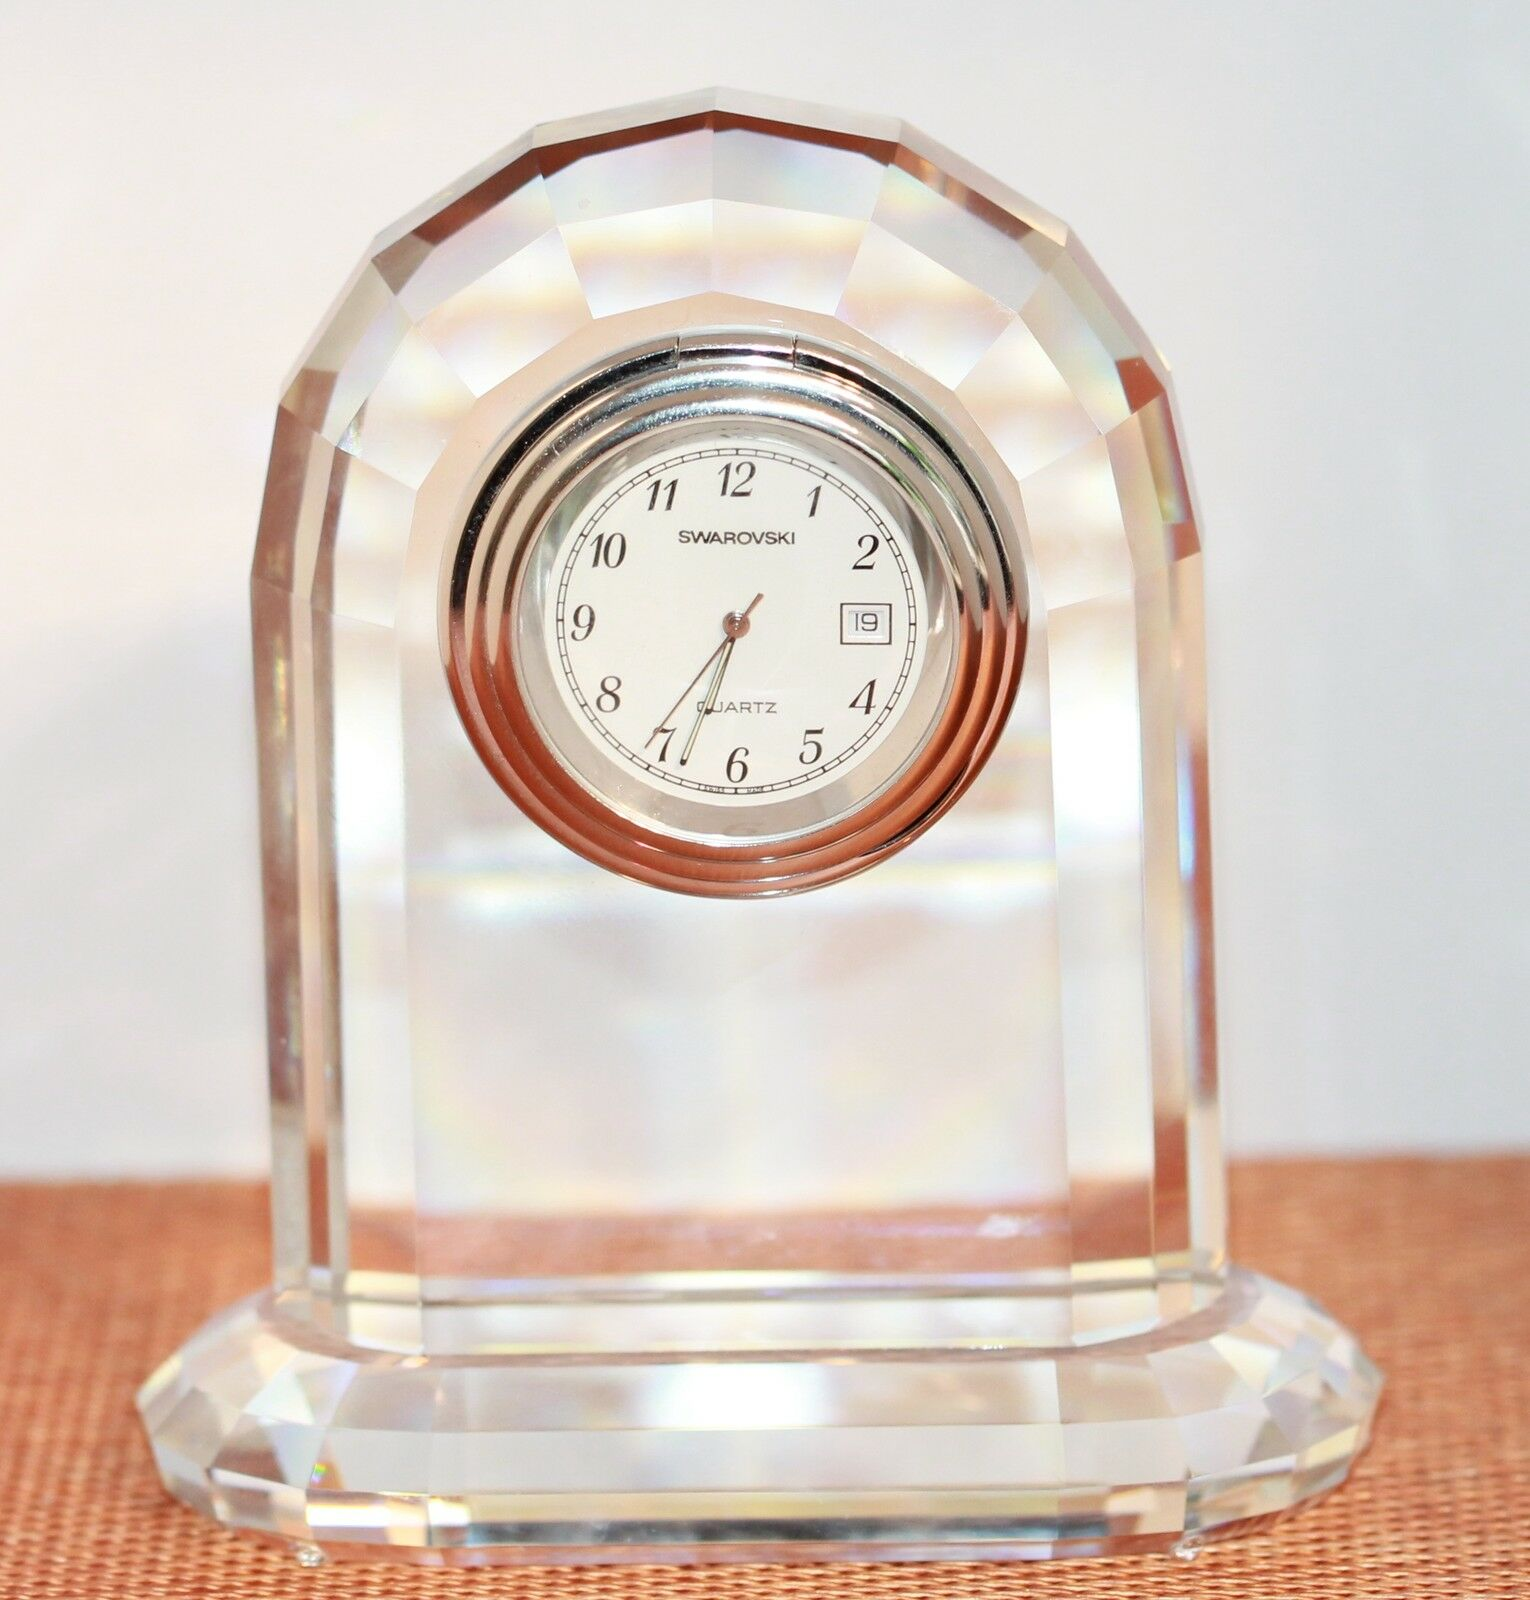 Bonne Bonne Bonne année, achat de recettes, cadeaux Swarovski original table ou cheminée Horloge | Acheter  952b1f